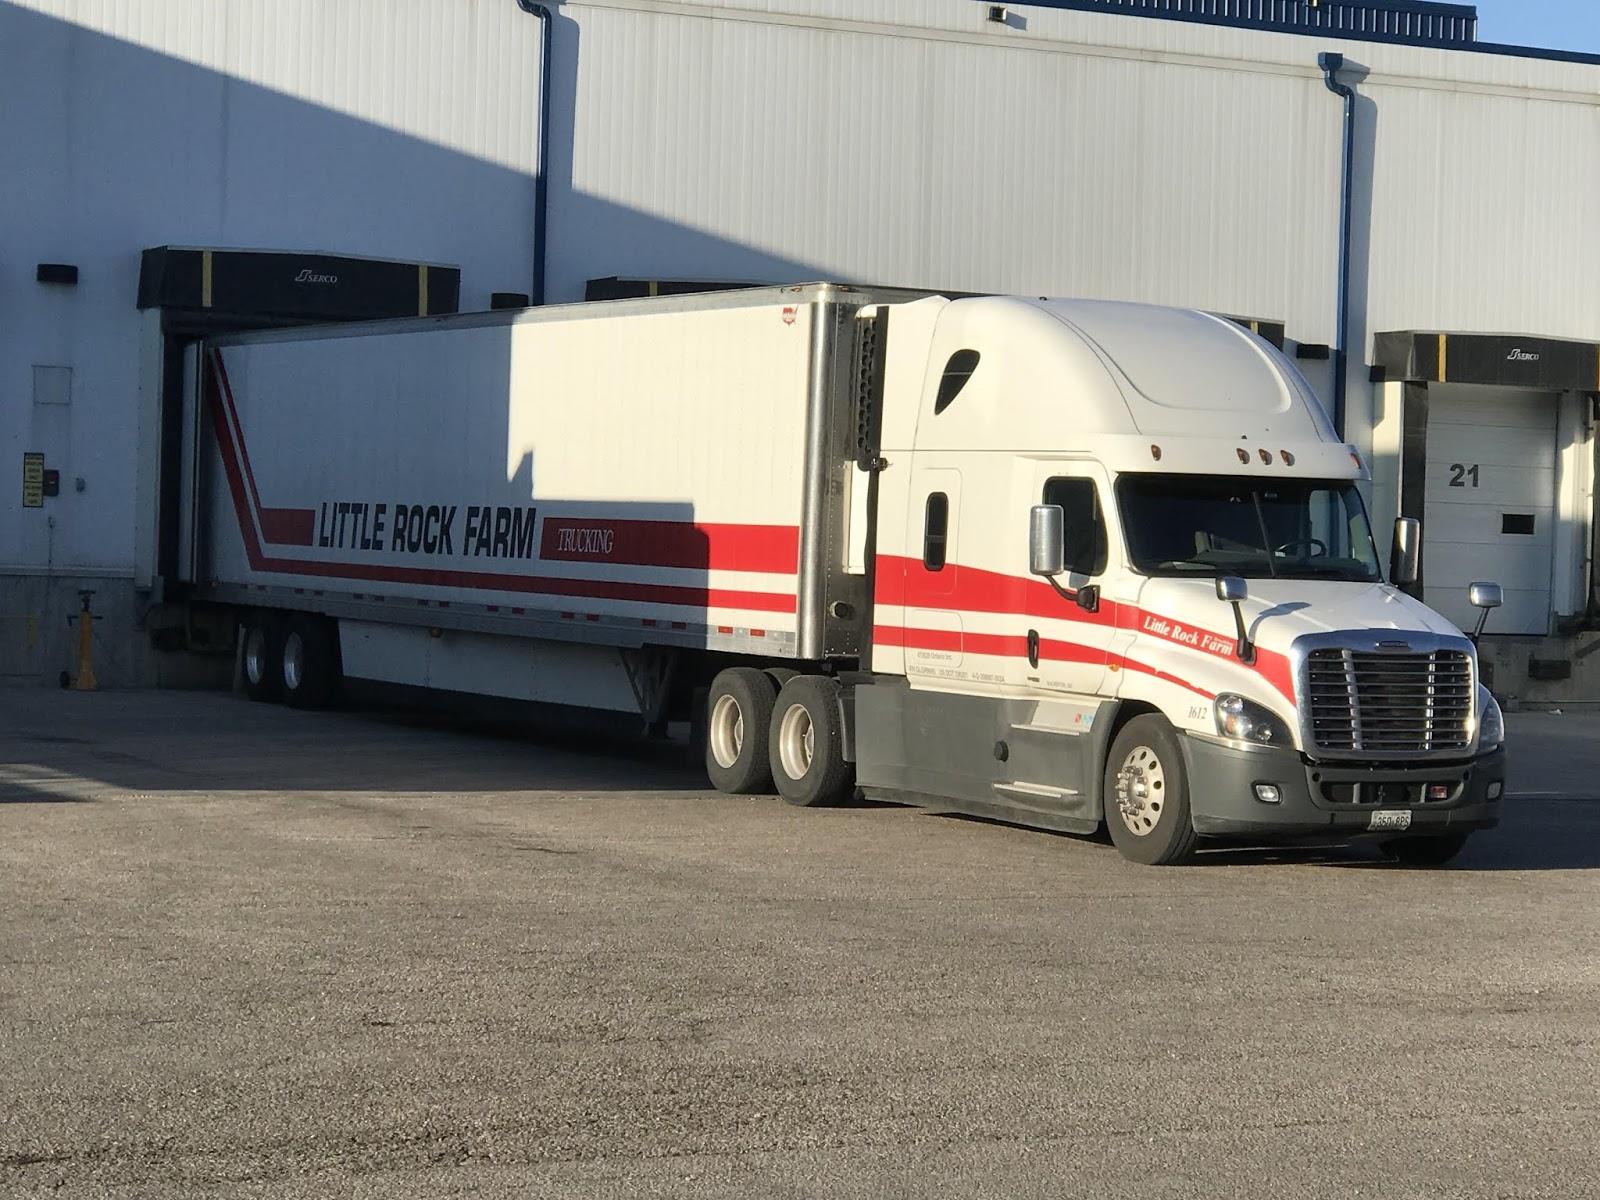 Little Rock Farm Trucking Solicita 12 Conductores De Camión De Larga Distancia O Trailer